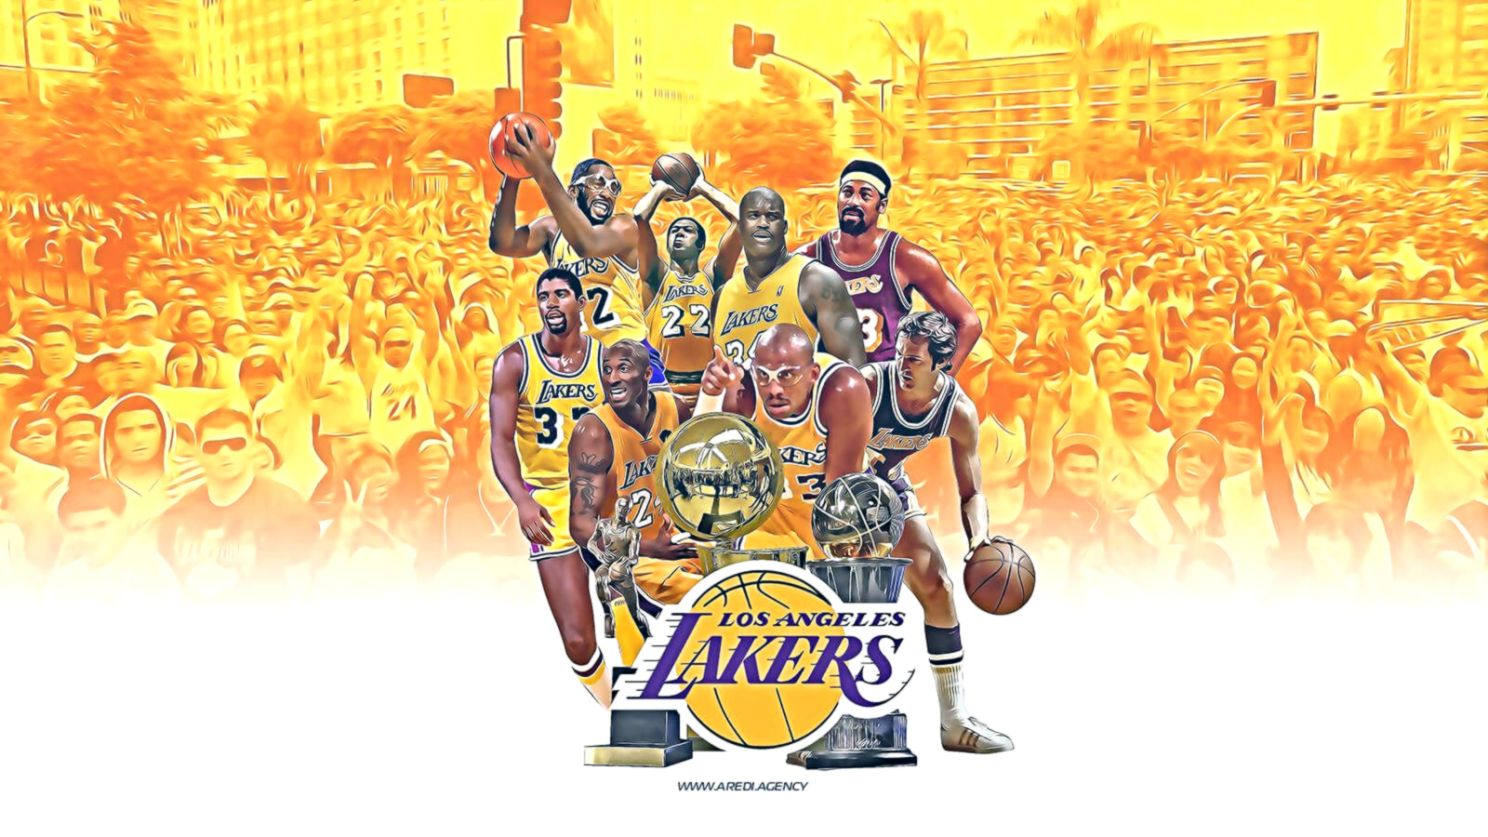 Lakers Wallpaper Beautiful Beach